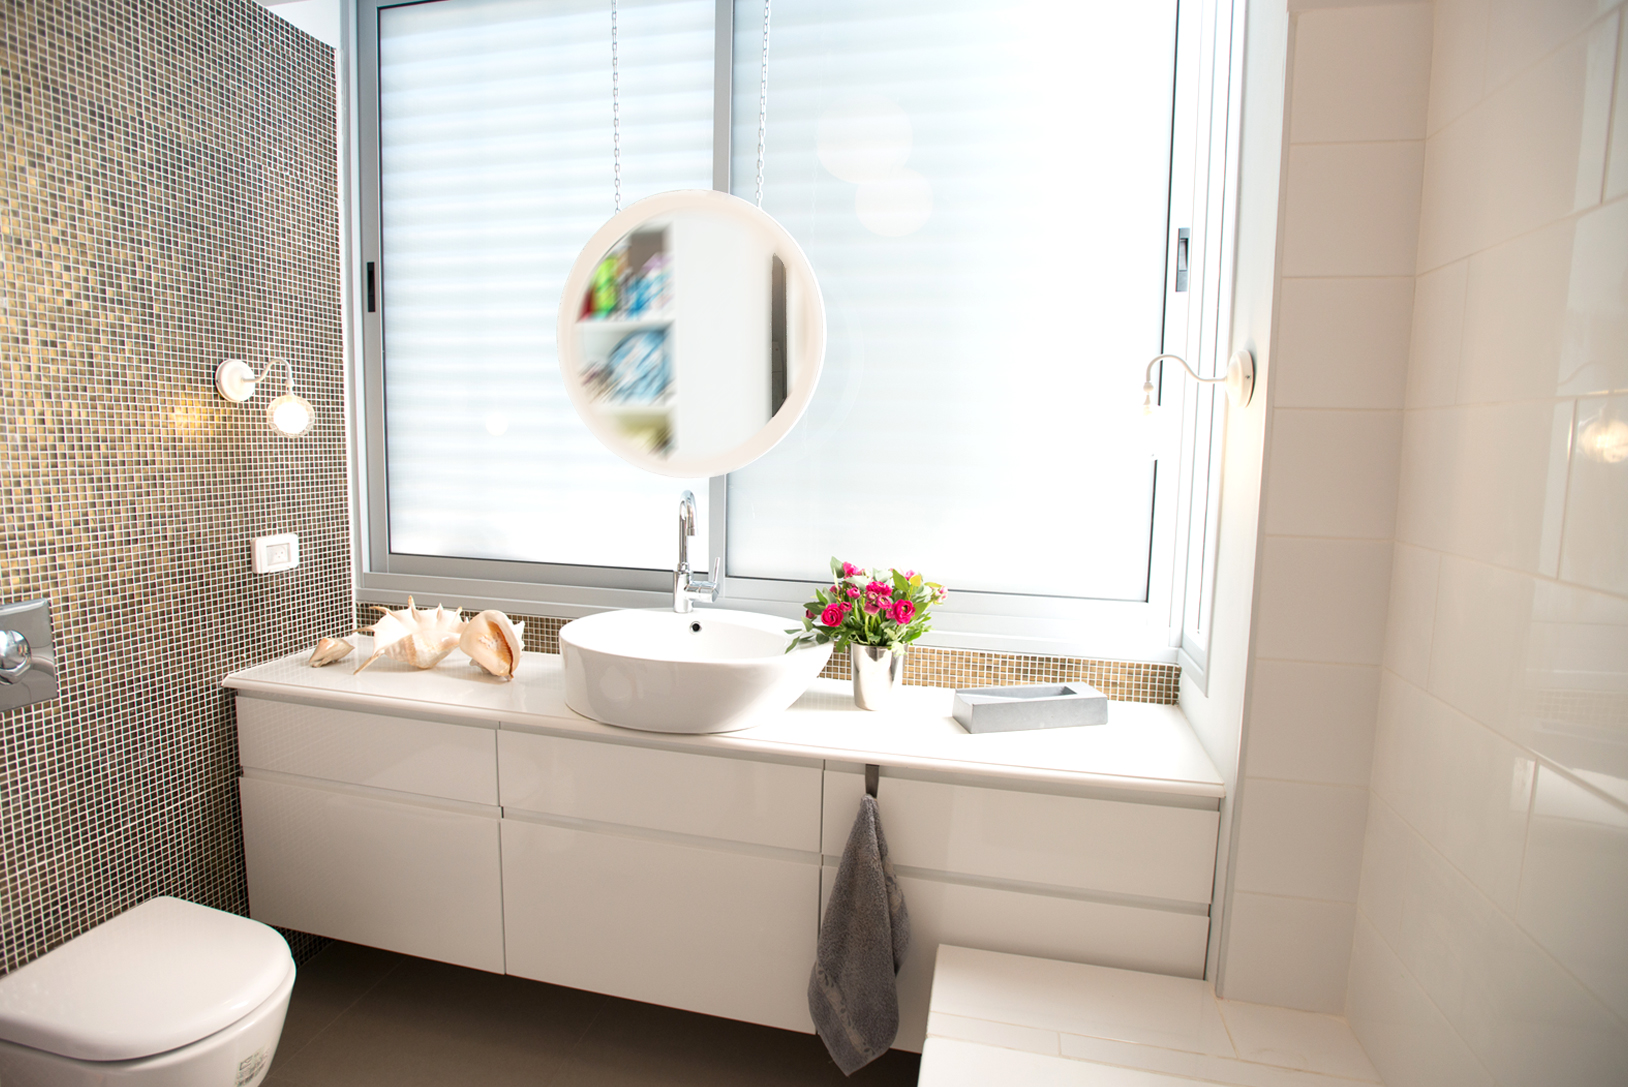 חדר אמבטיה תכנון אורבני מודרני עיצוב פנים